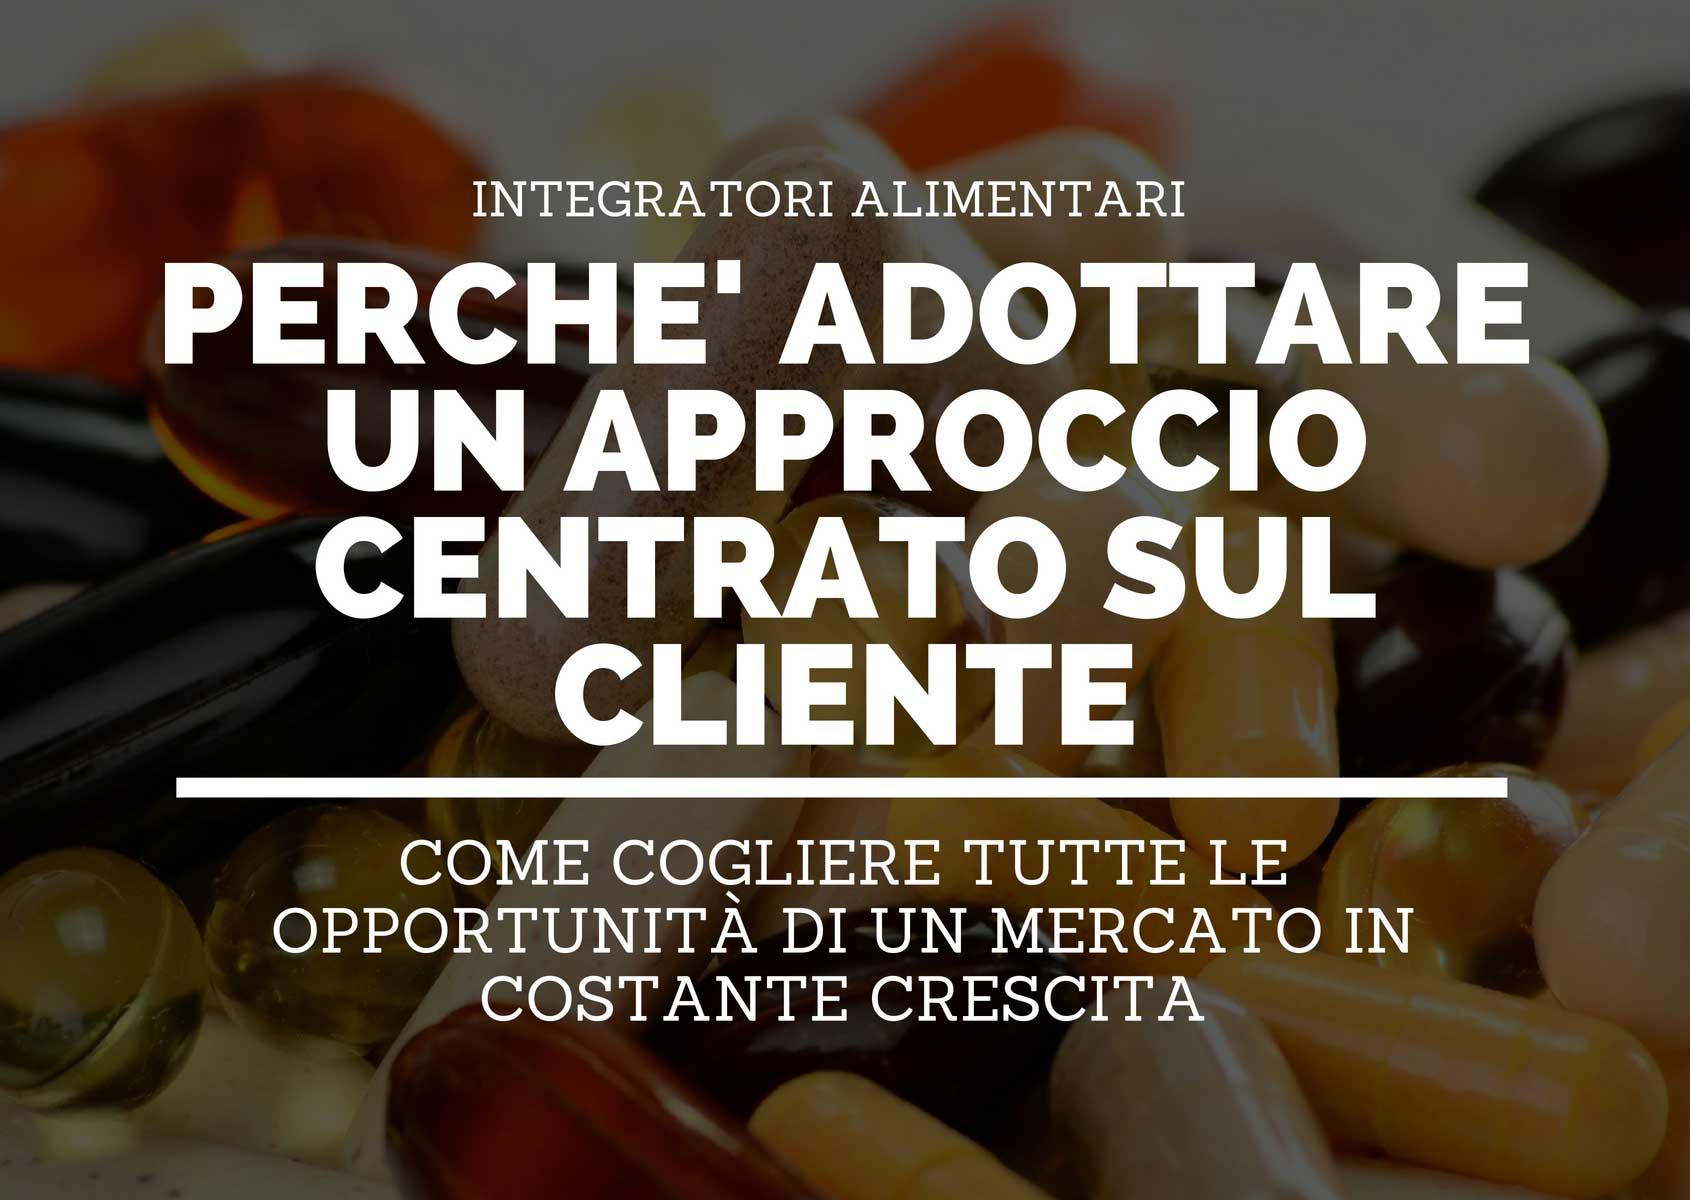 Marketing-per-integratori-alimentari_-perché-adottare-un-approccio-centrato-sul-cliente-01